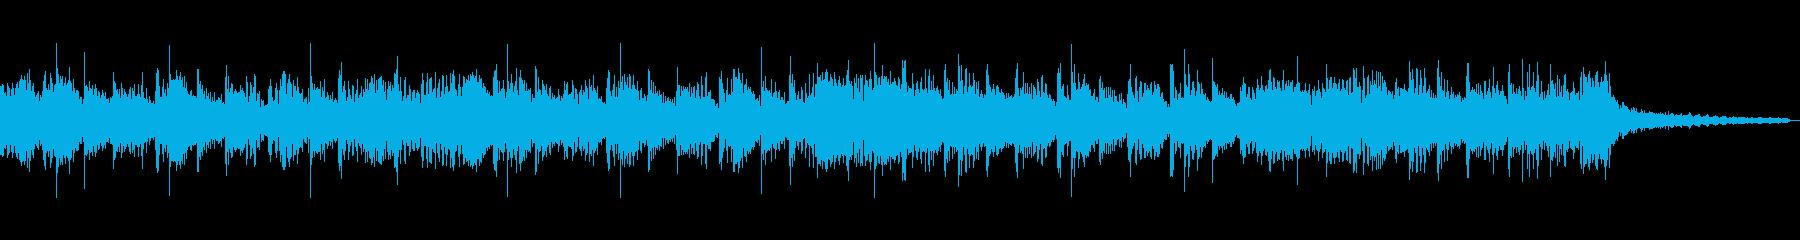 ジングルに使えるハードなインストの再生済みの波形